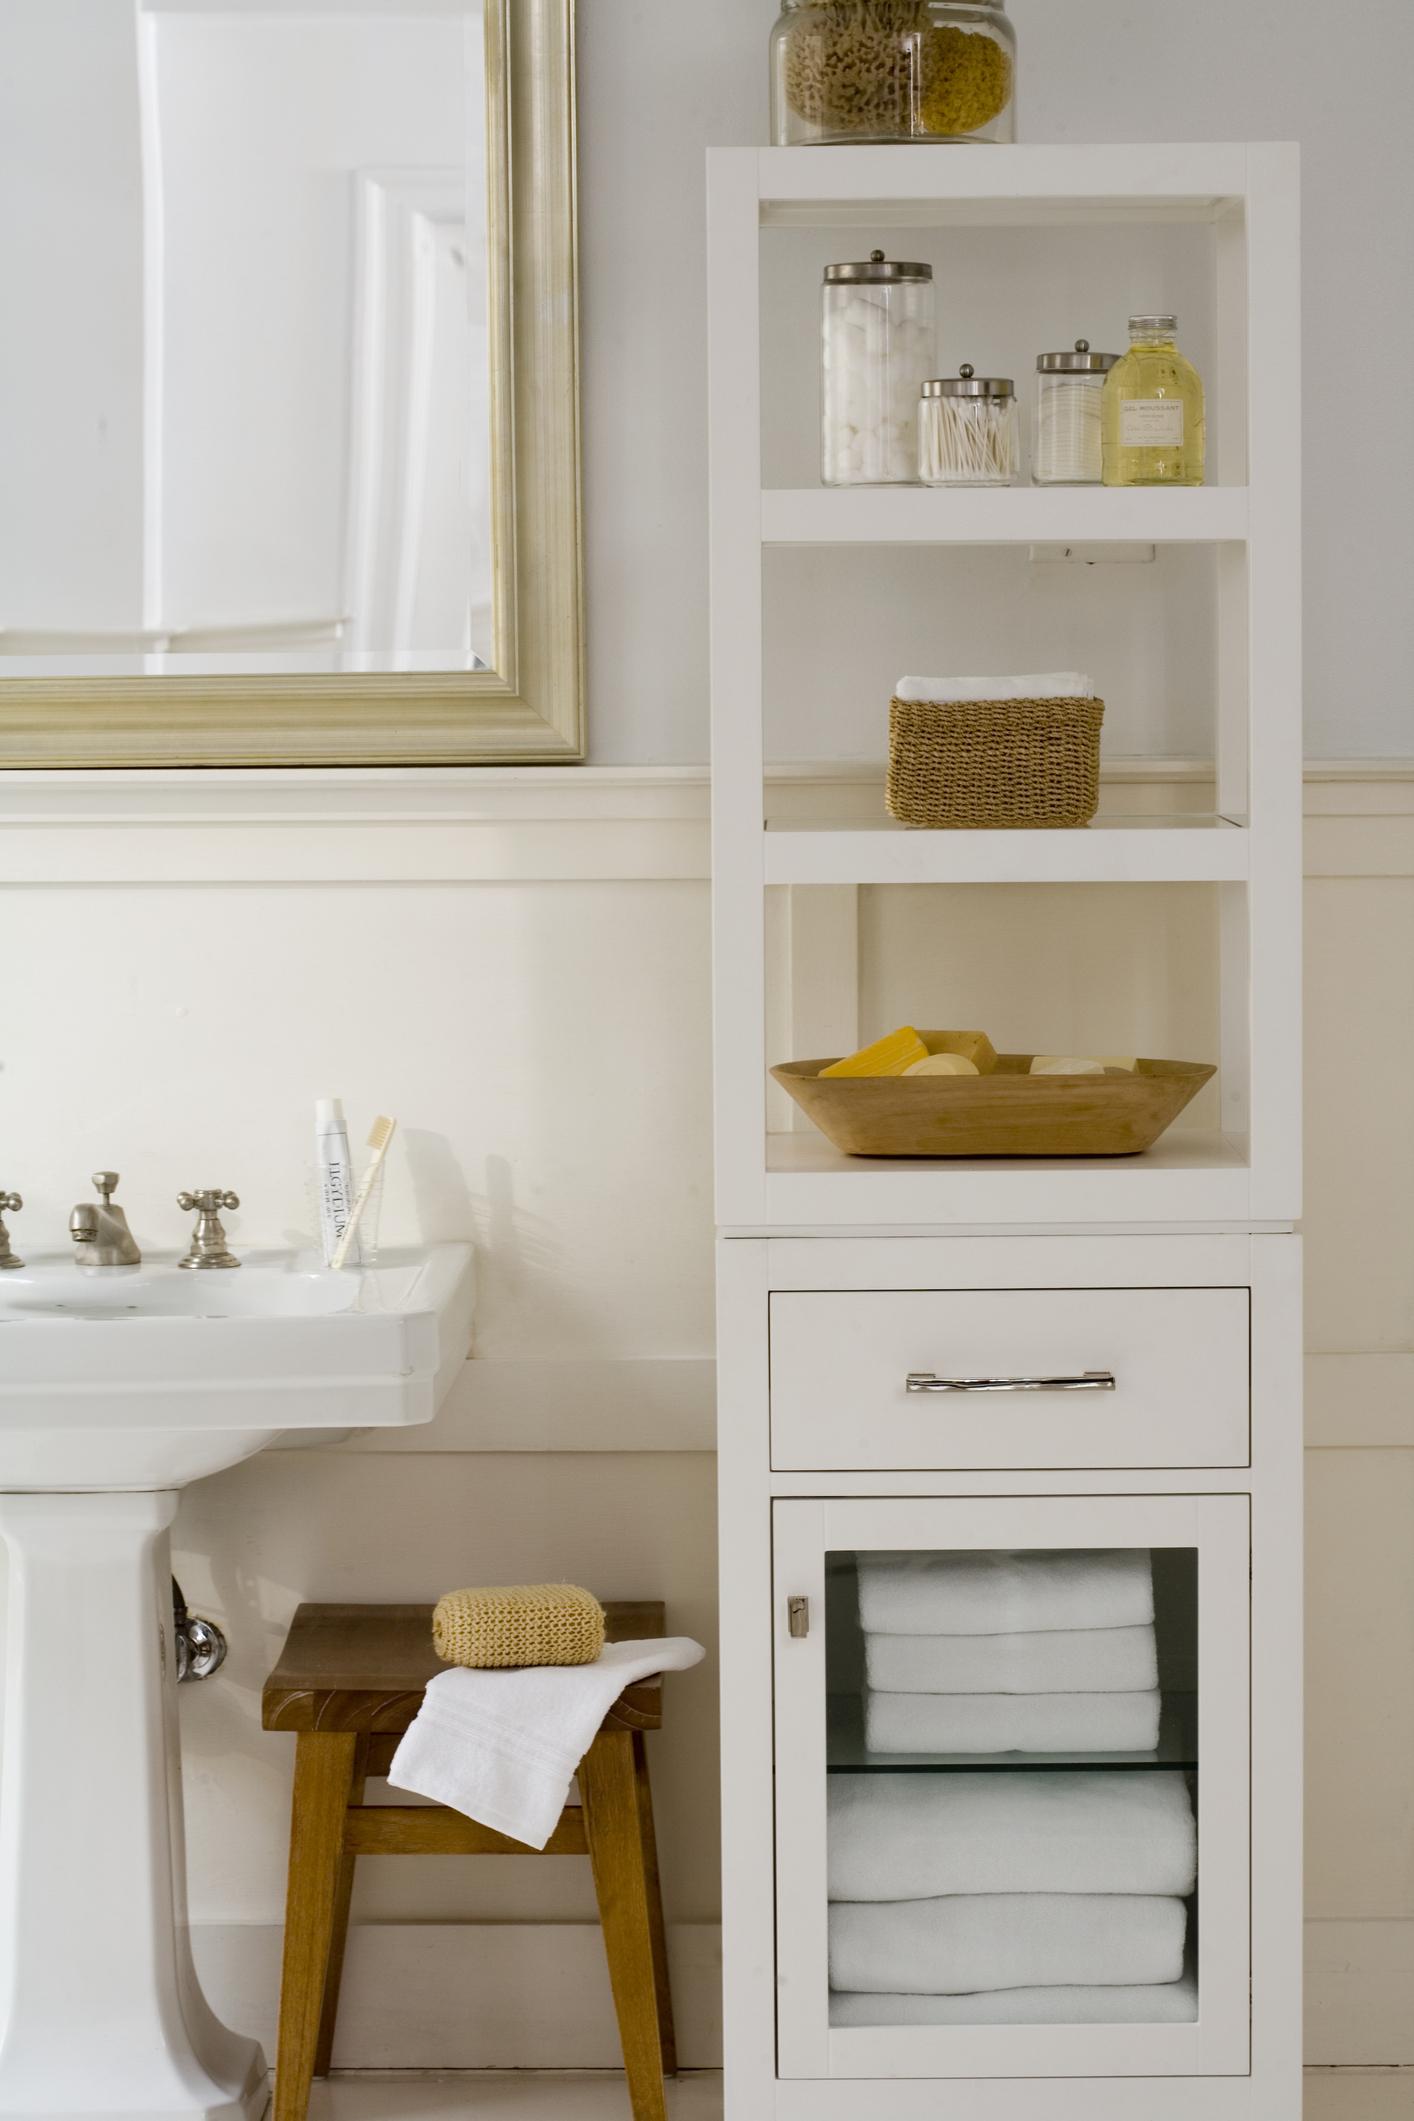 Nuove idee e consigli per progettare e arredare un bagno - Mobili alti bagno ...